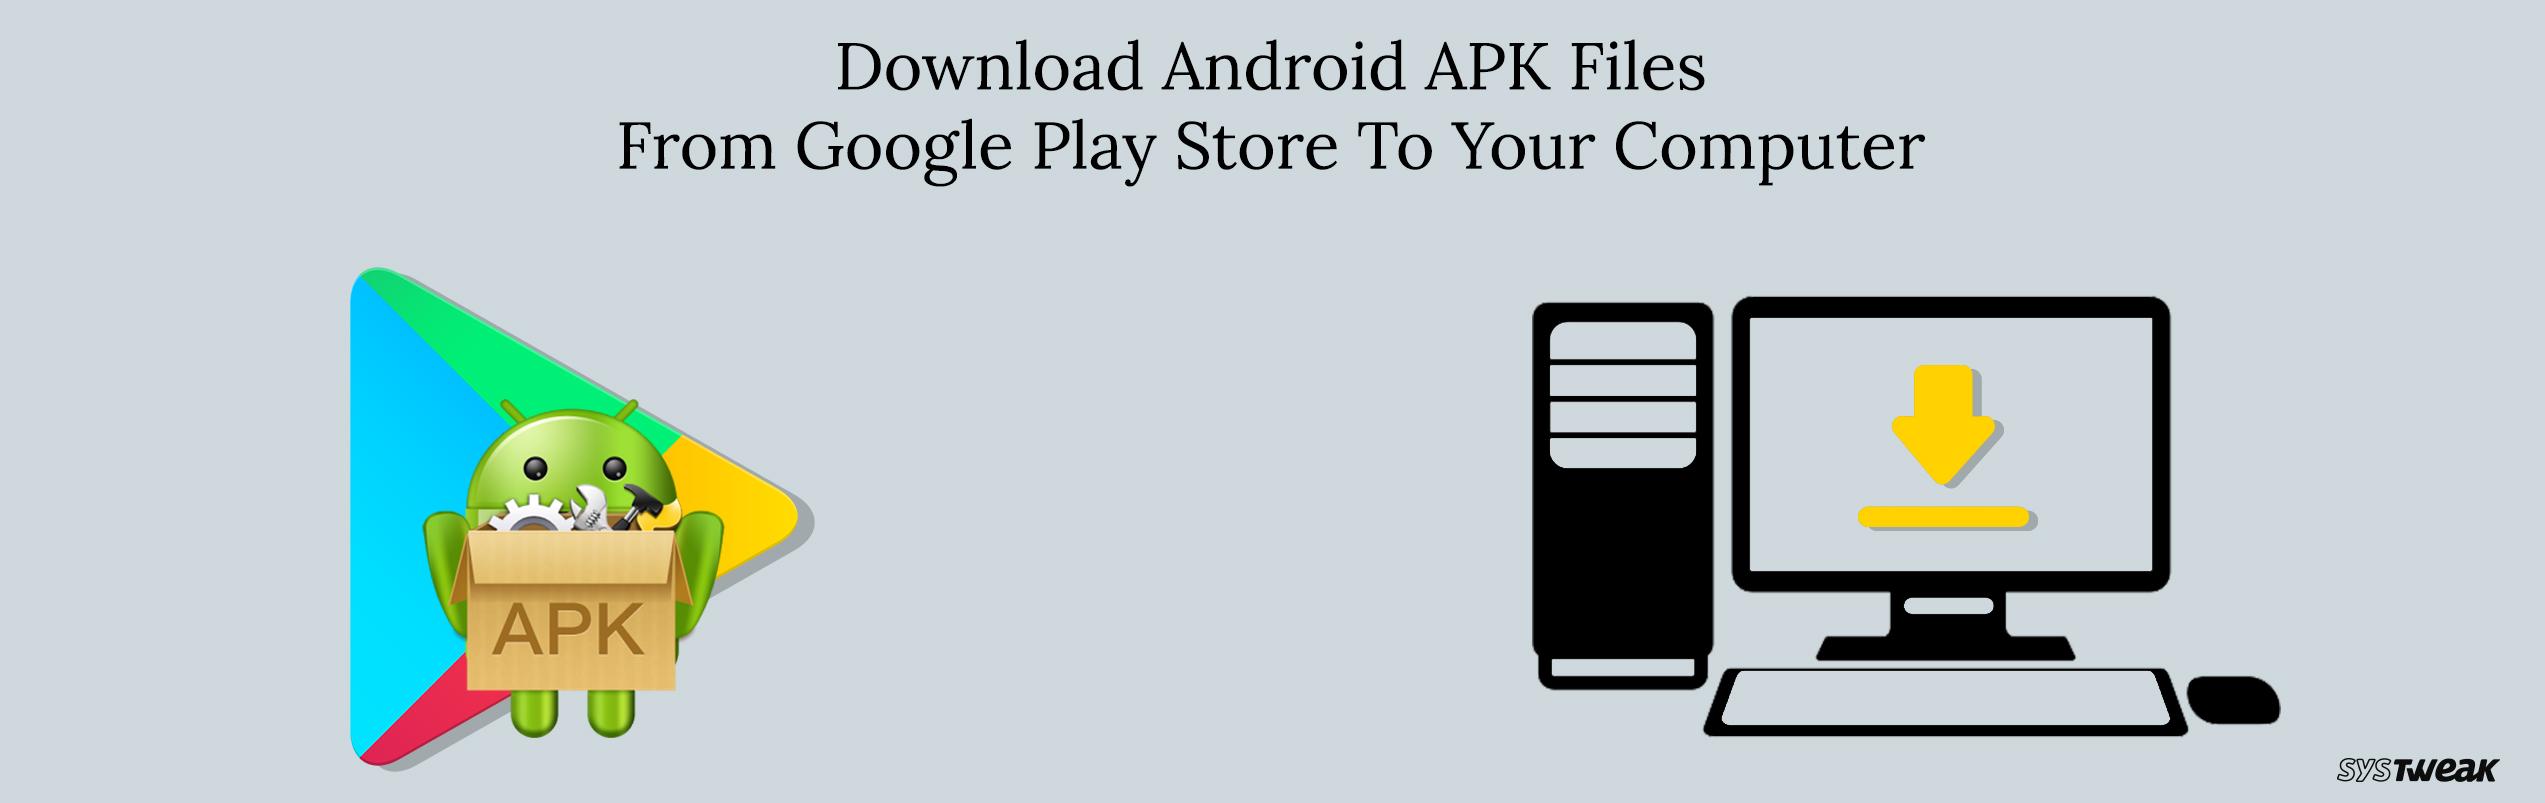 آموزش دانلود فایلapk از گوگل پلی با کامپیوتر